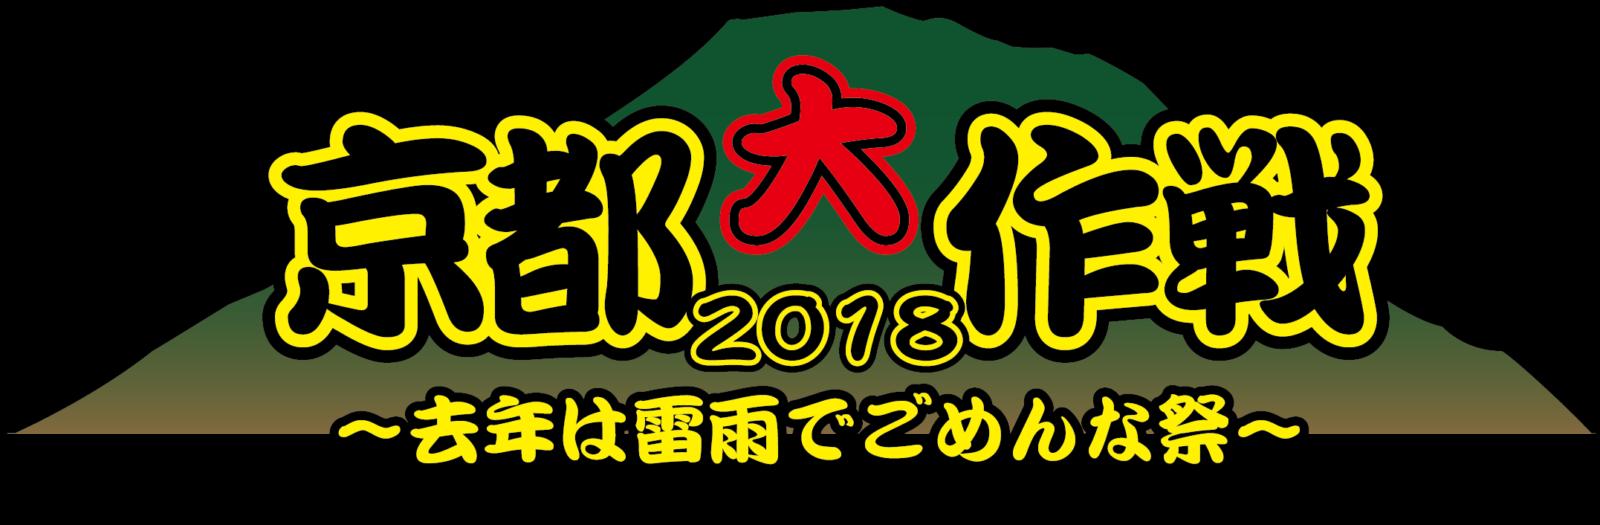 京都大作戦、今年も開催が決定